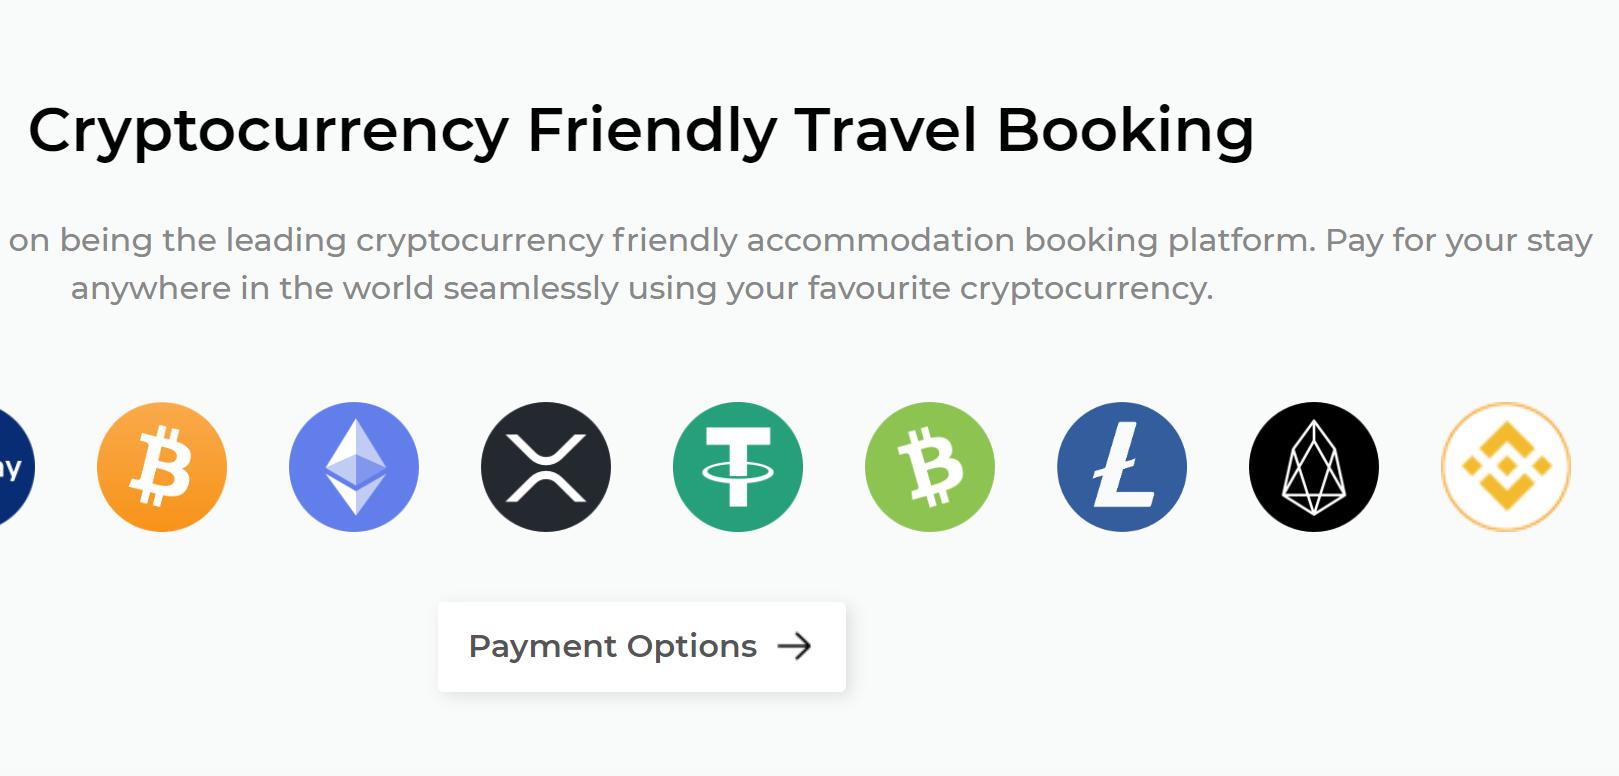 旅游平台Travala与STP合作,探索区块链数字资产支付新场景